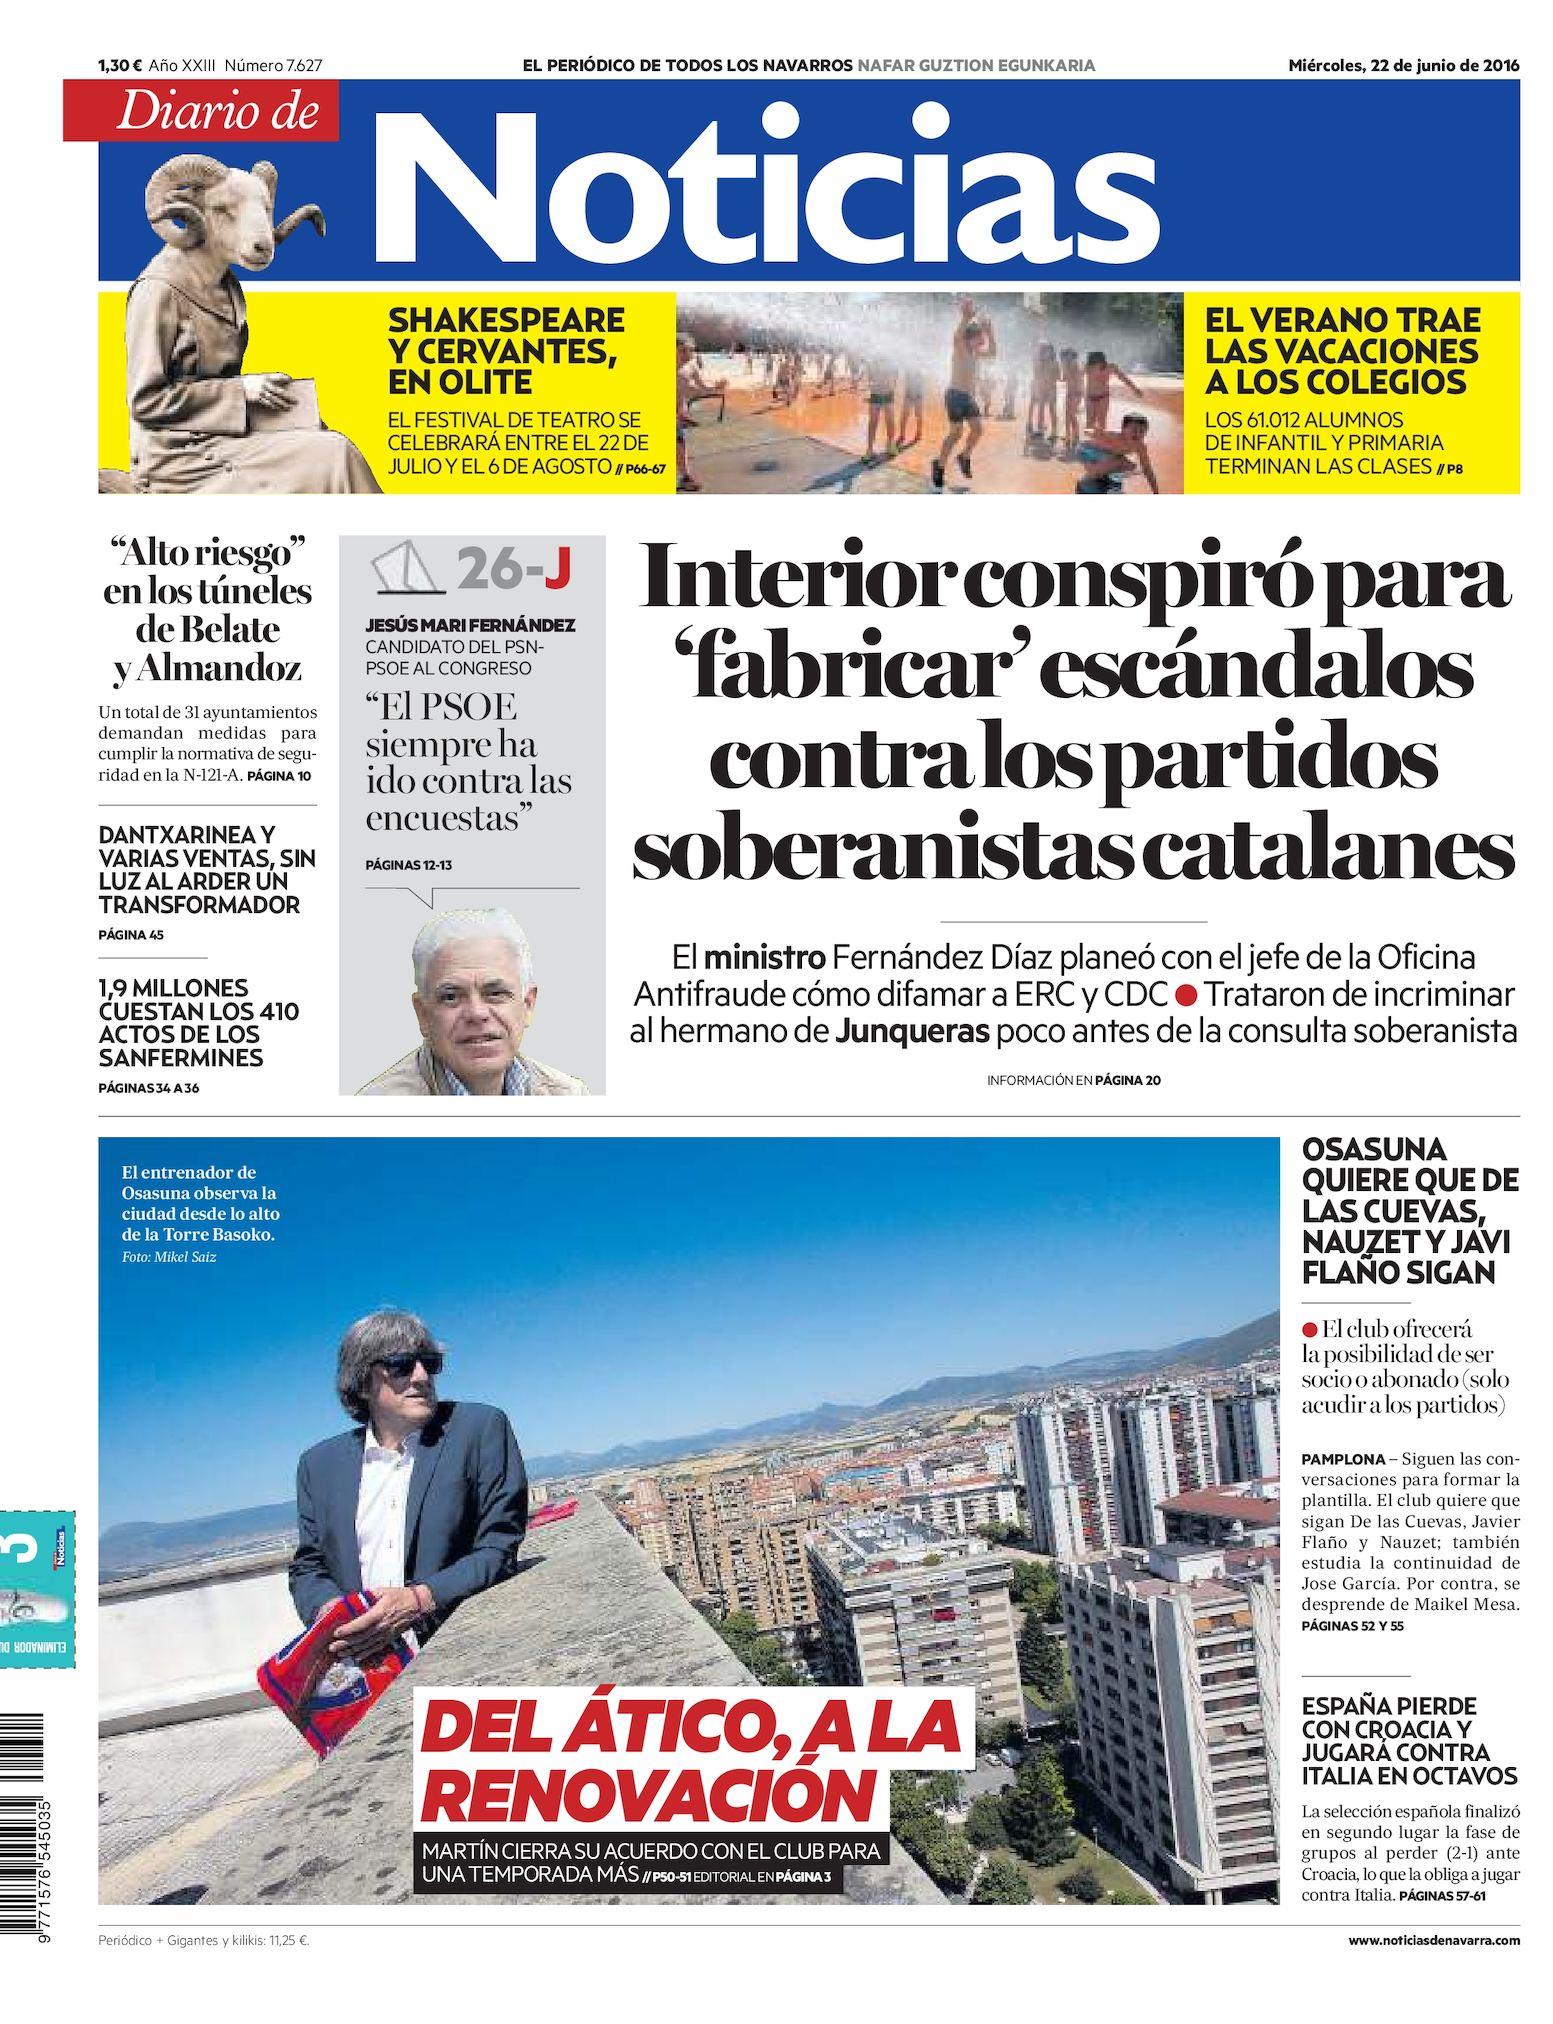 fdb6faa829 Calaméo - Diario de Noticias 20160622